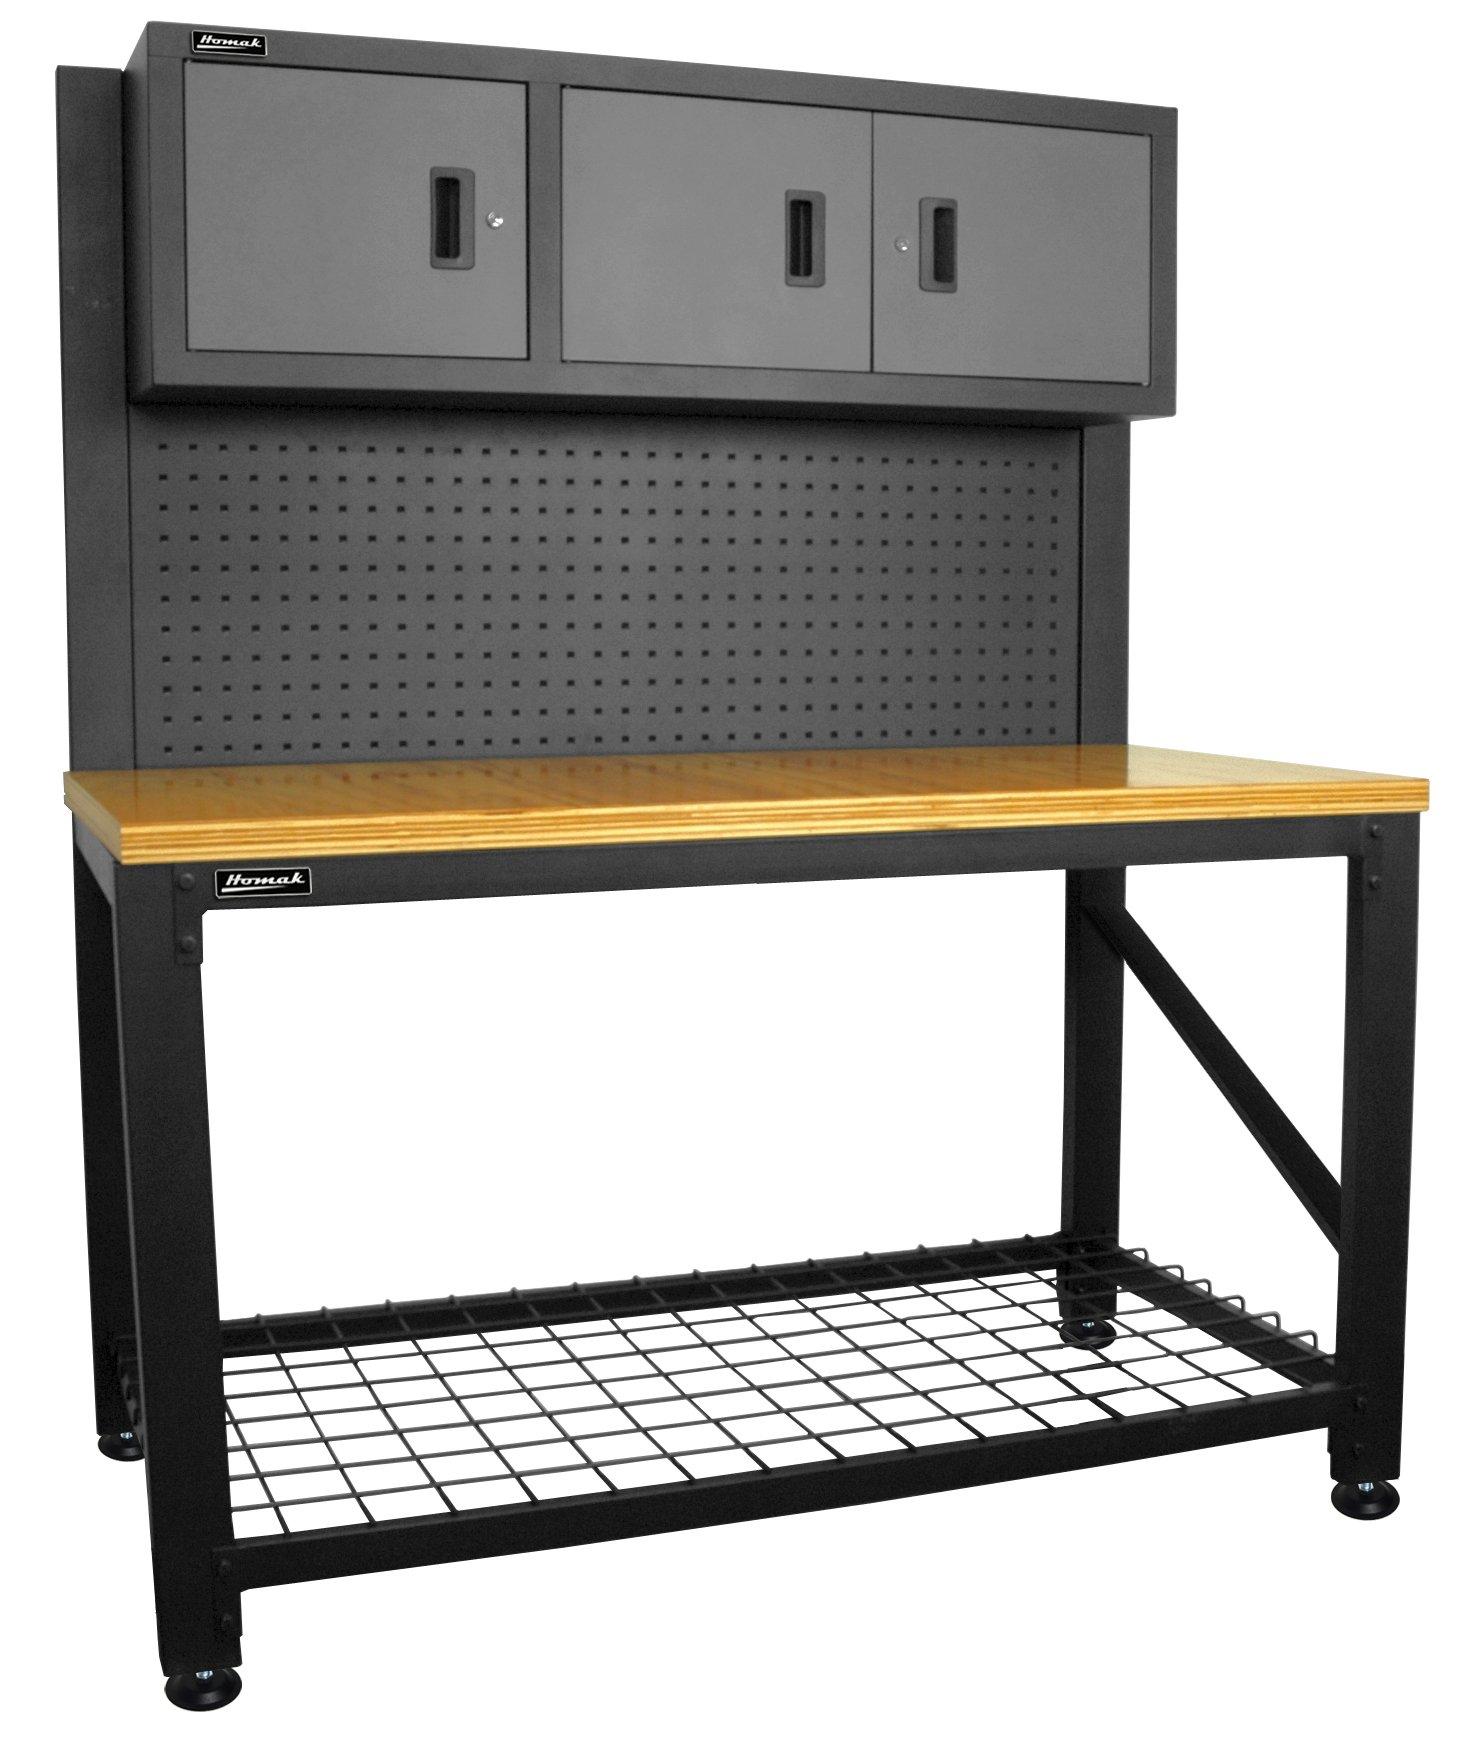 Homak GS00659031 59-Inch Wood Top Workbench with 3 Door Cabinet, Steel